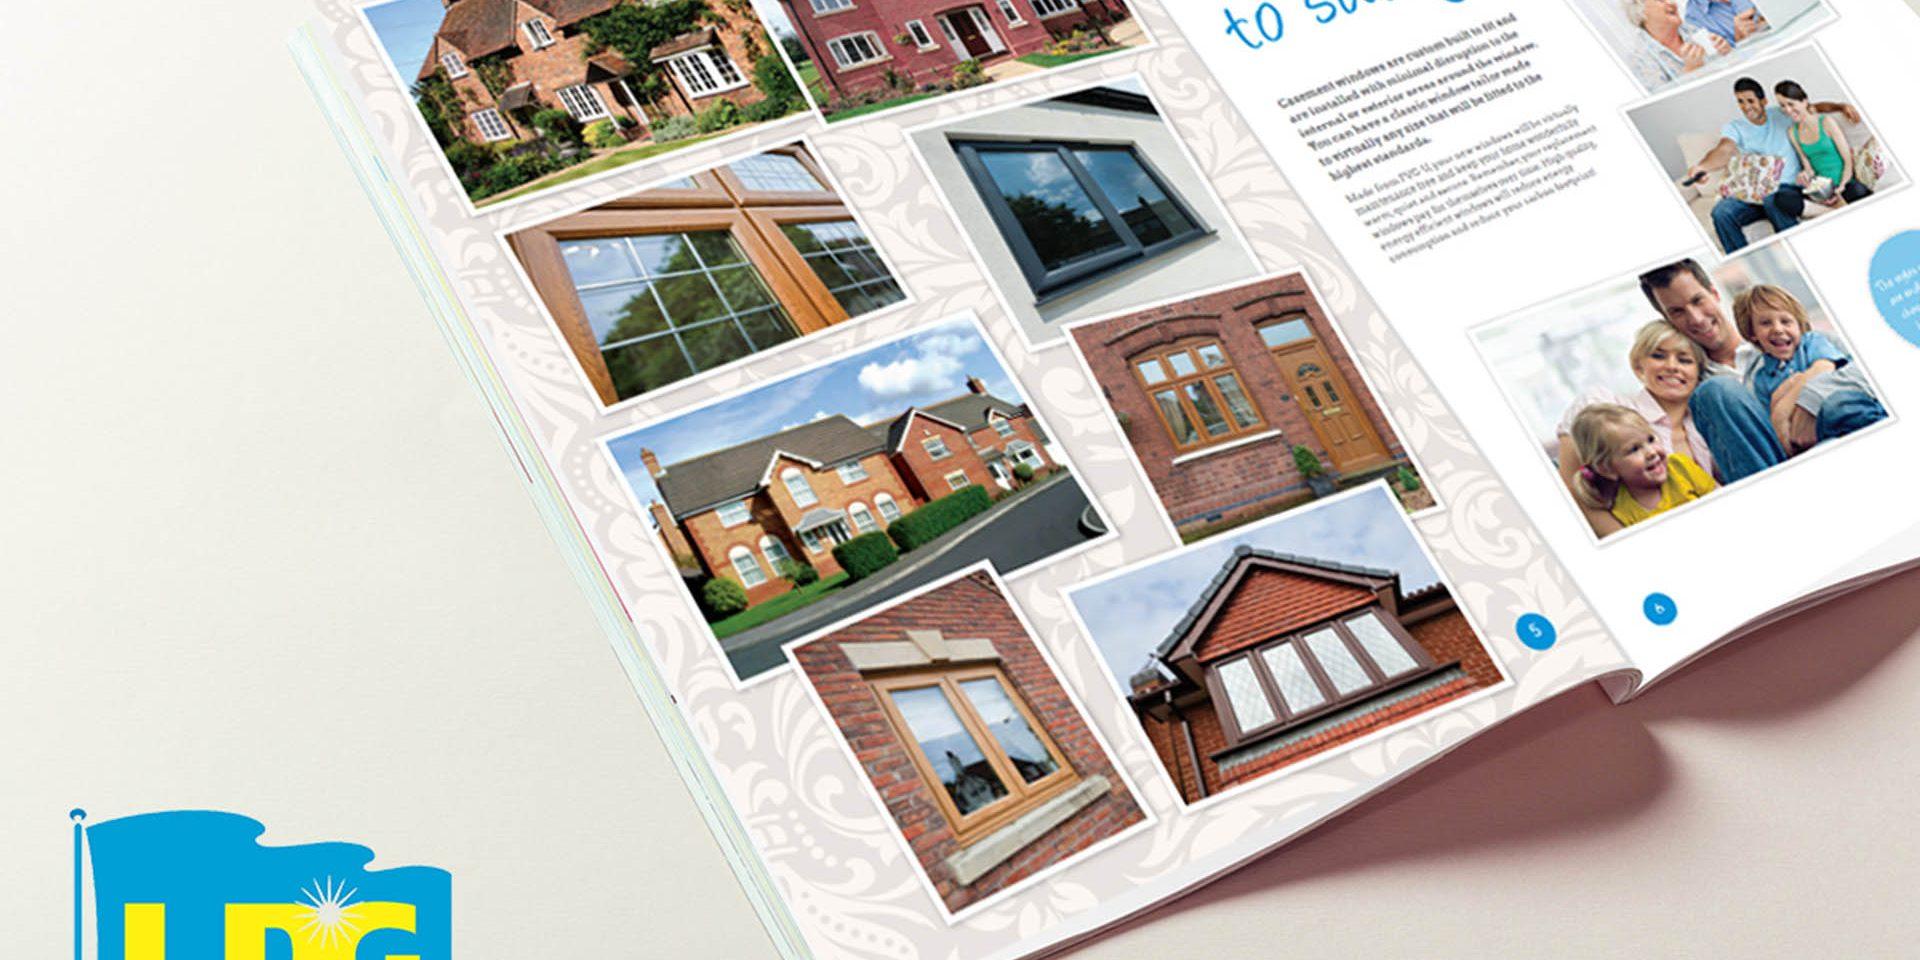 LDG-brochure-lancashire